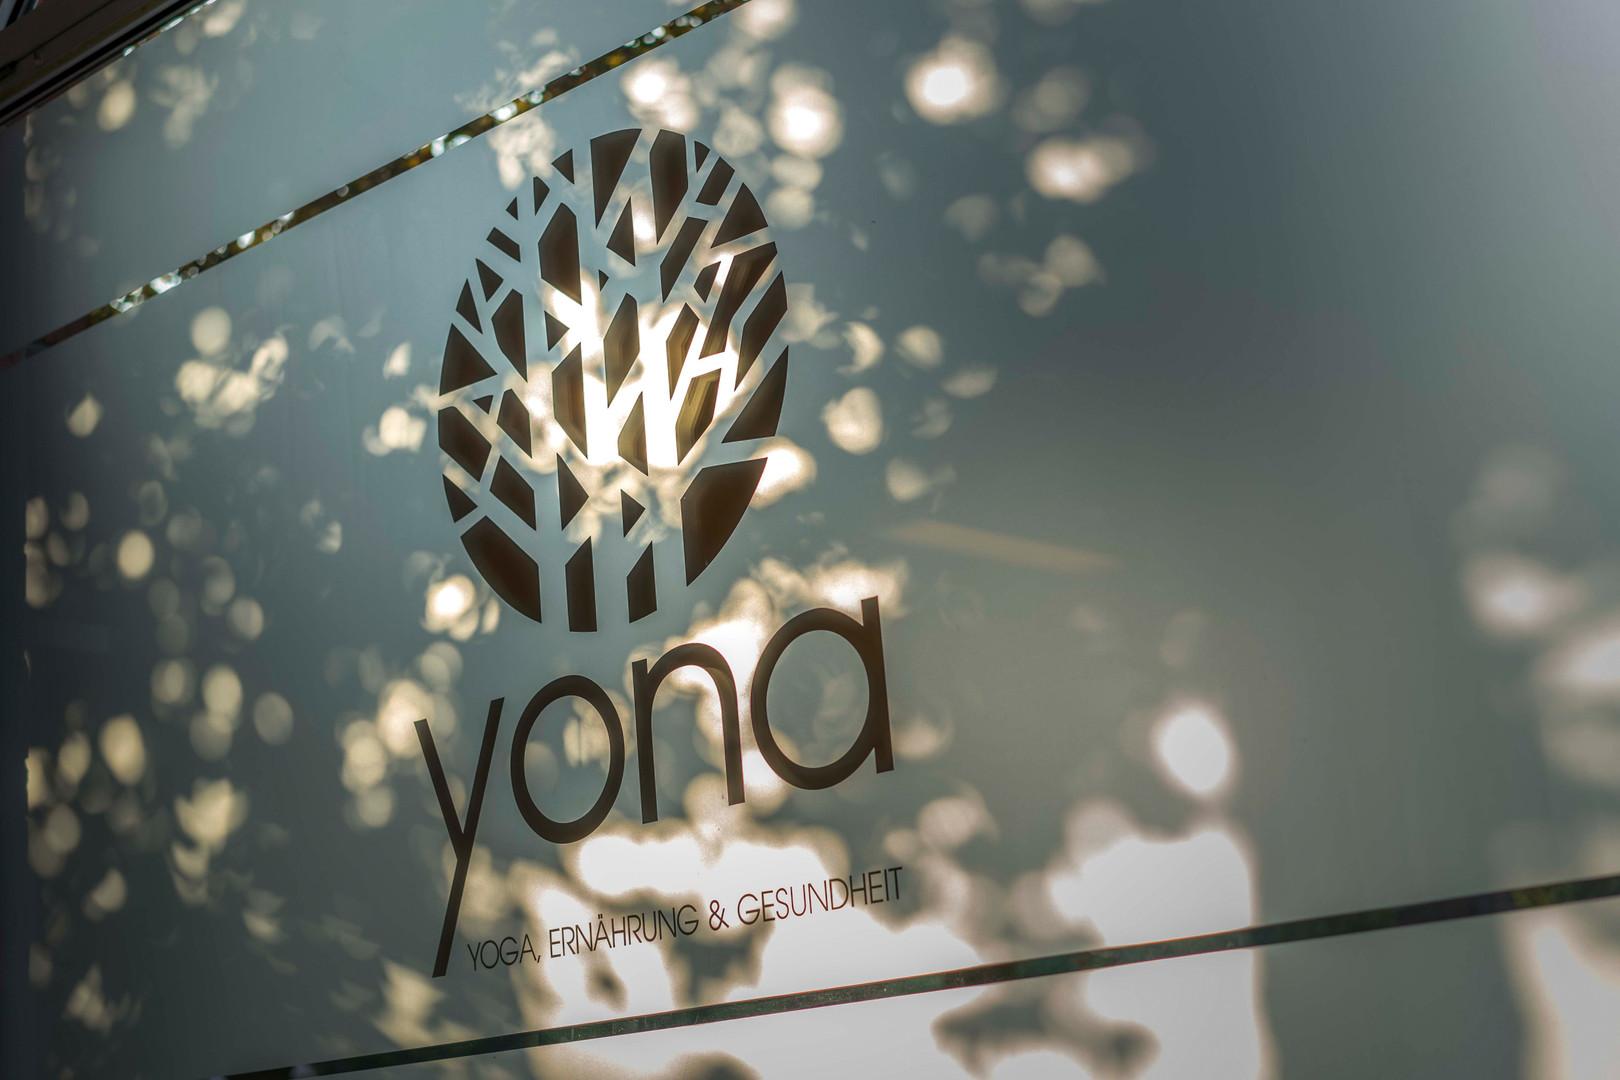 Yona_Außen_2.JPG